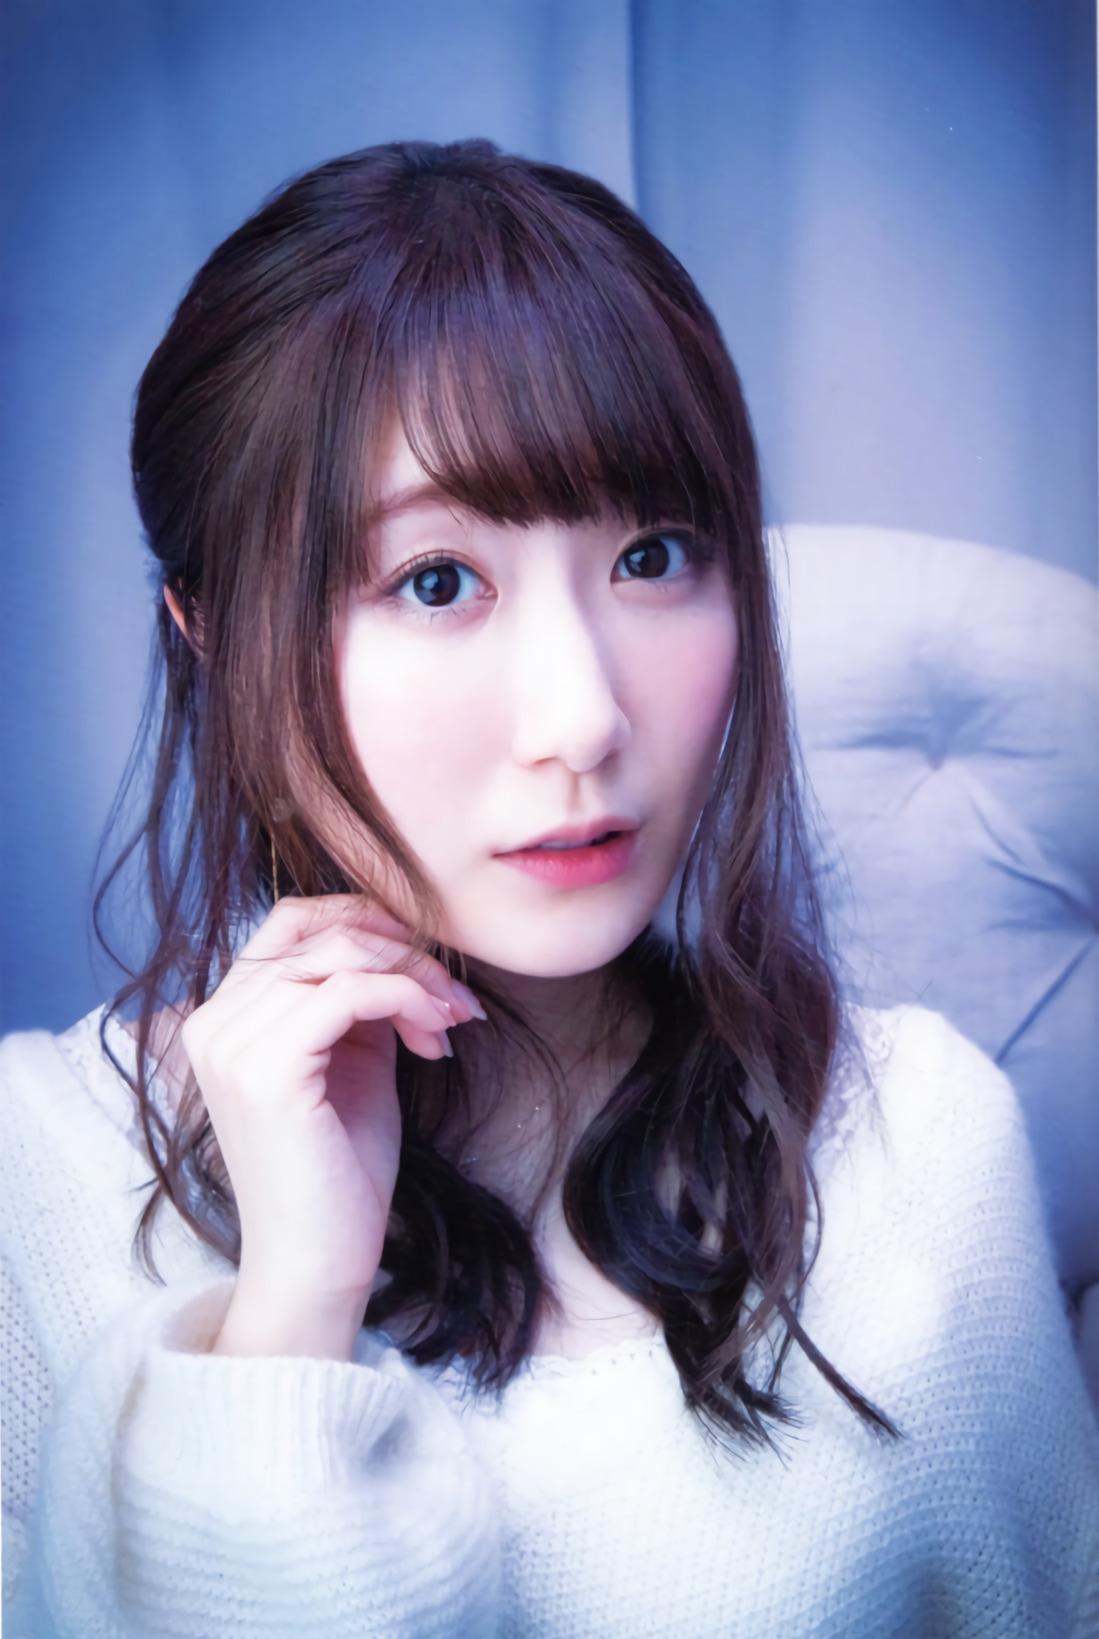 hidaka_rina020.jpg